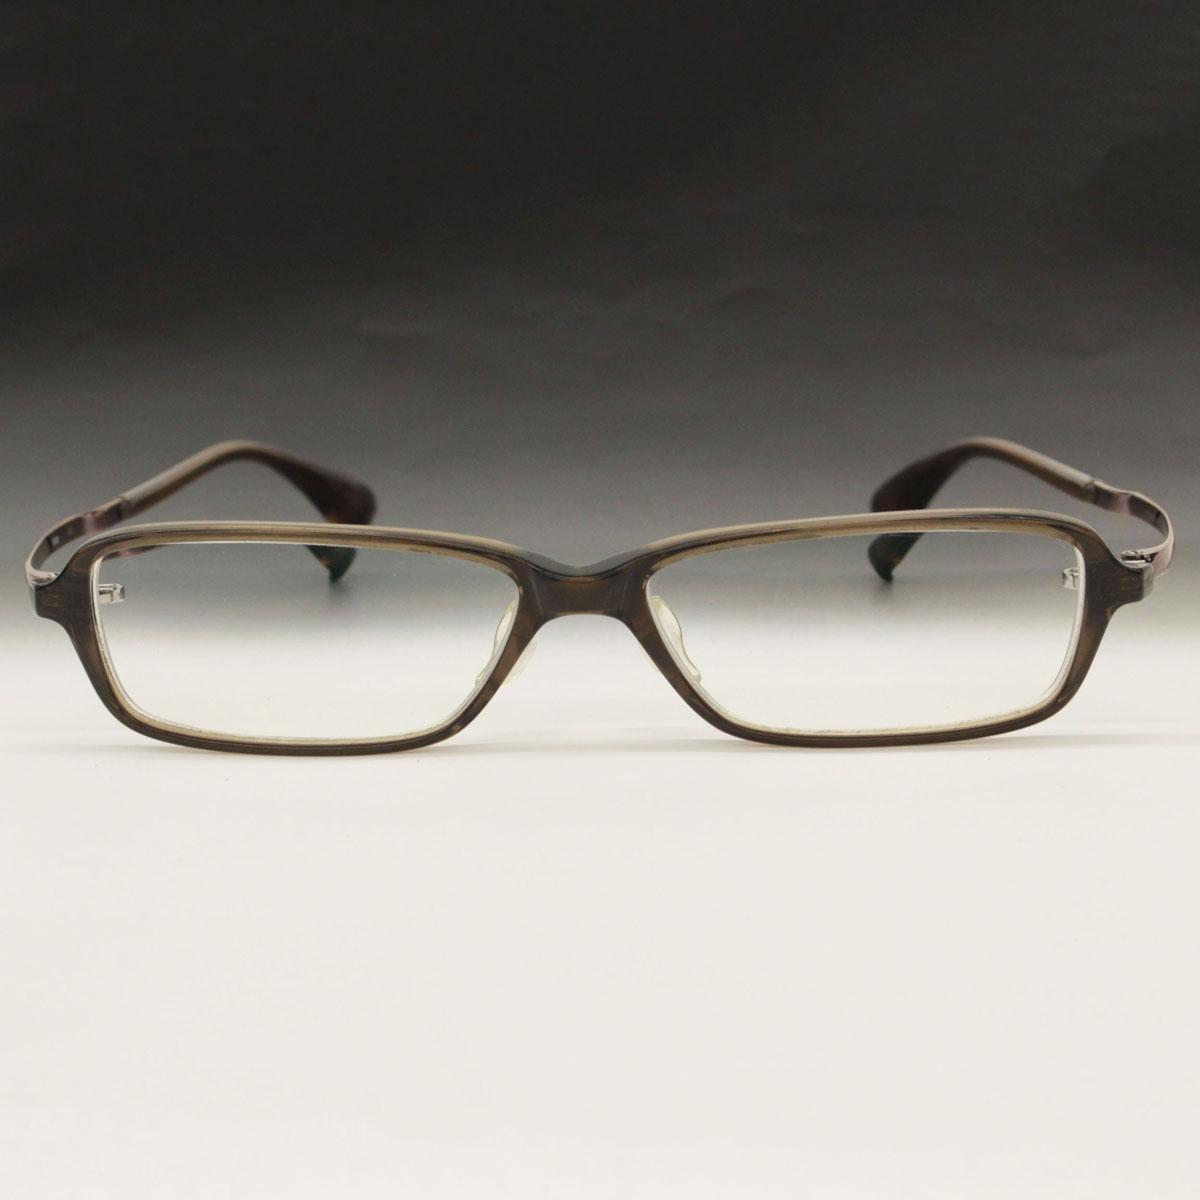 【中古】◆999.9 フォーナインズ チタンフレーム眼鏡 NPM-06 ケース付き 55□14-138◆ brown /茶/ブラウン/メンズ/メガネ/フレーム